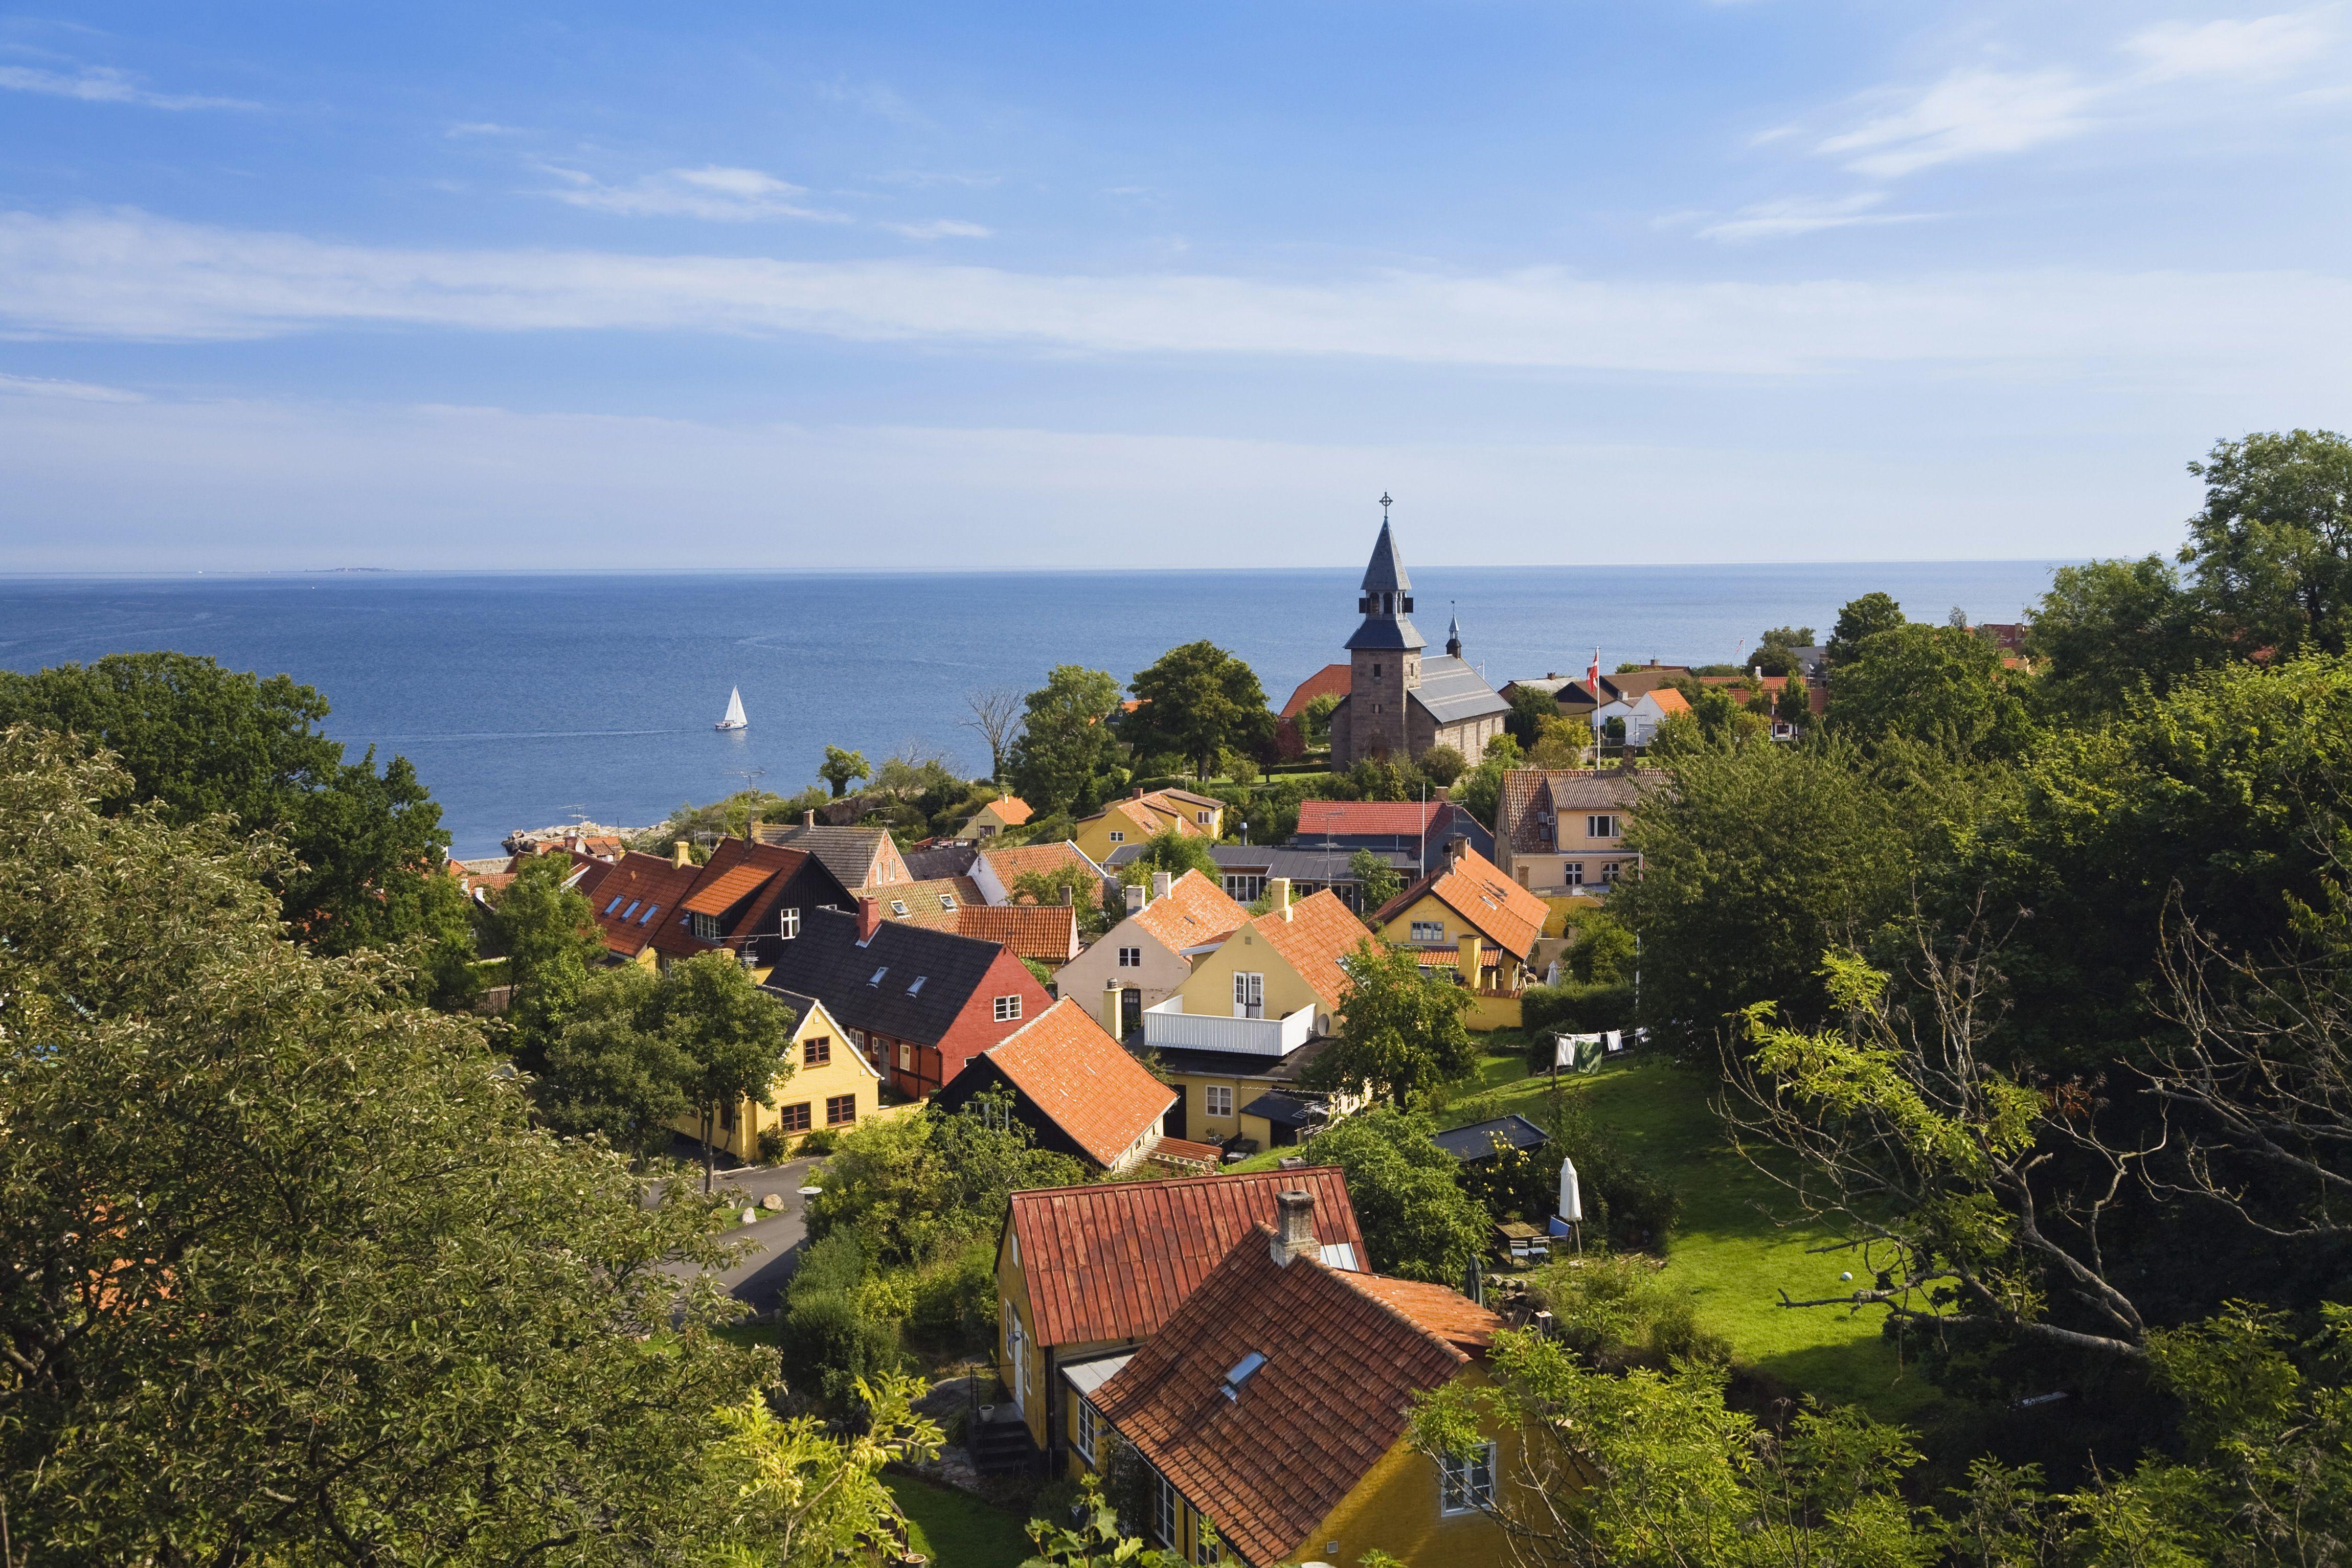 'View over Gudhjem ot Baltic Sea, Gudhjem, Bornholm, Denmark'